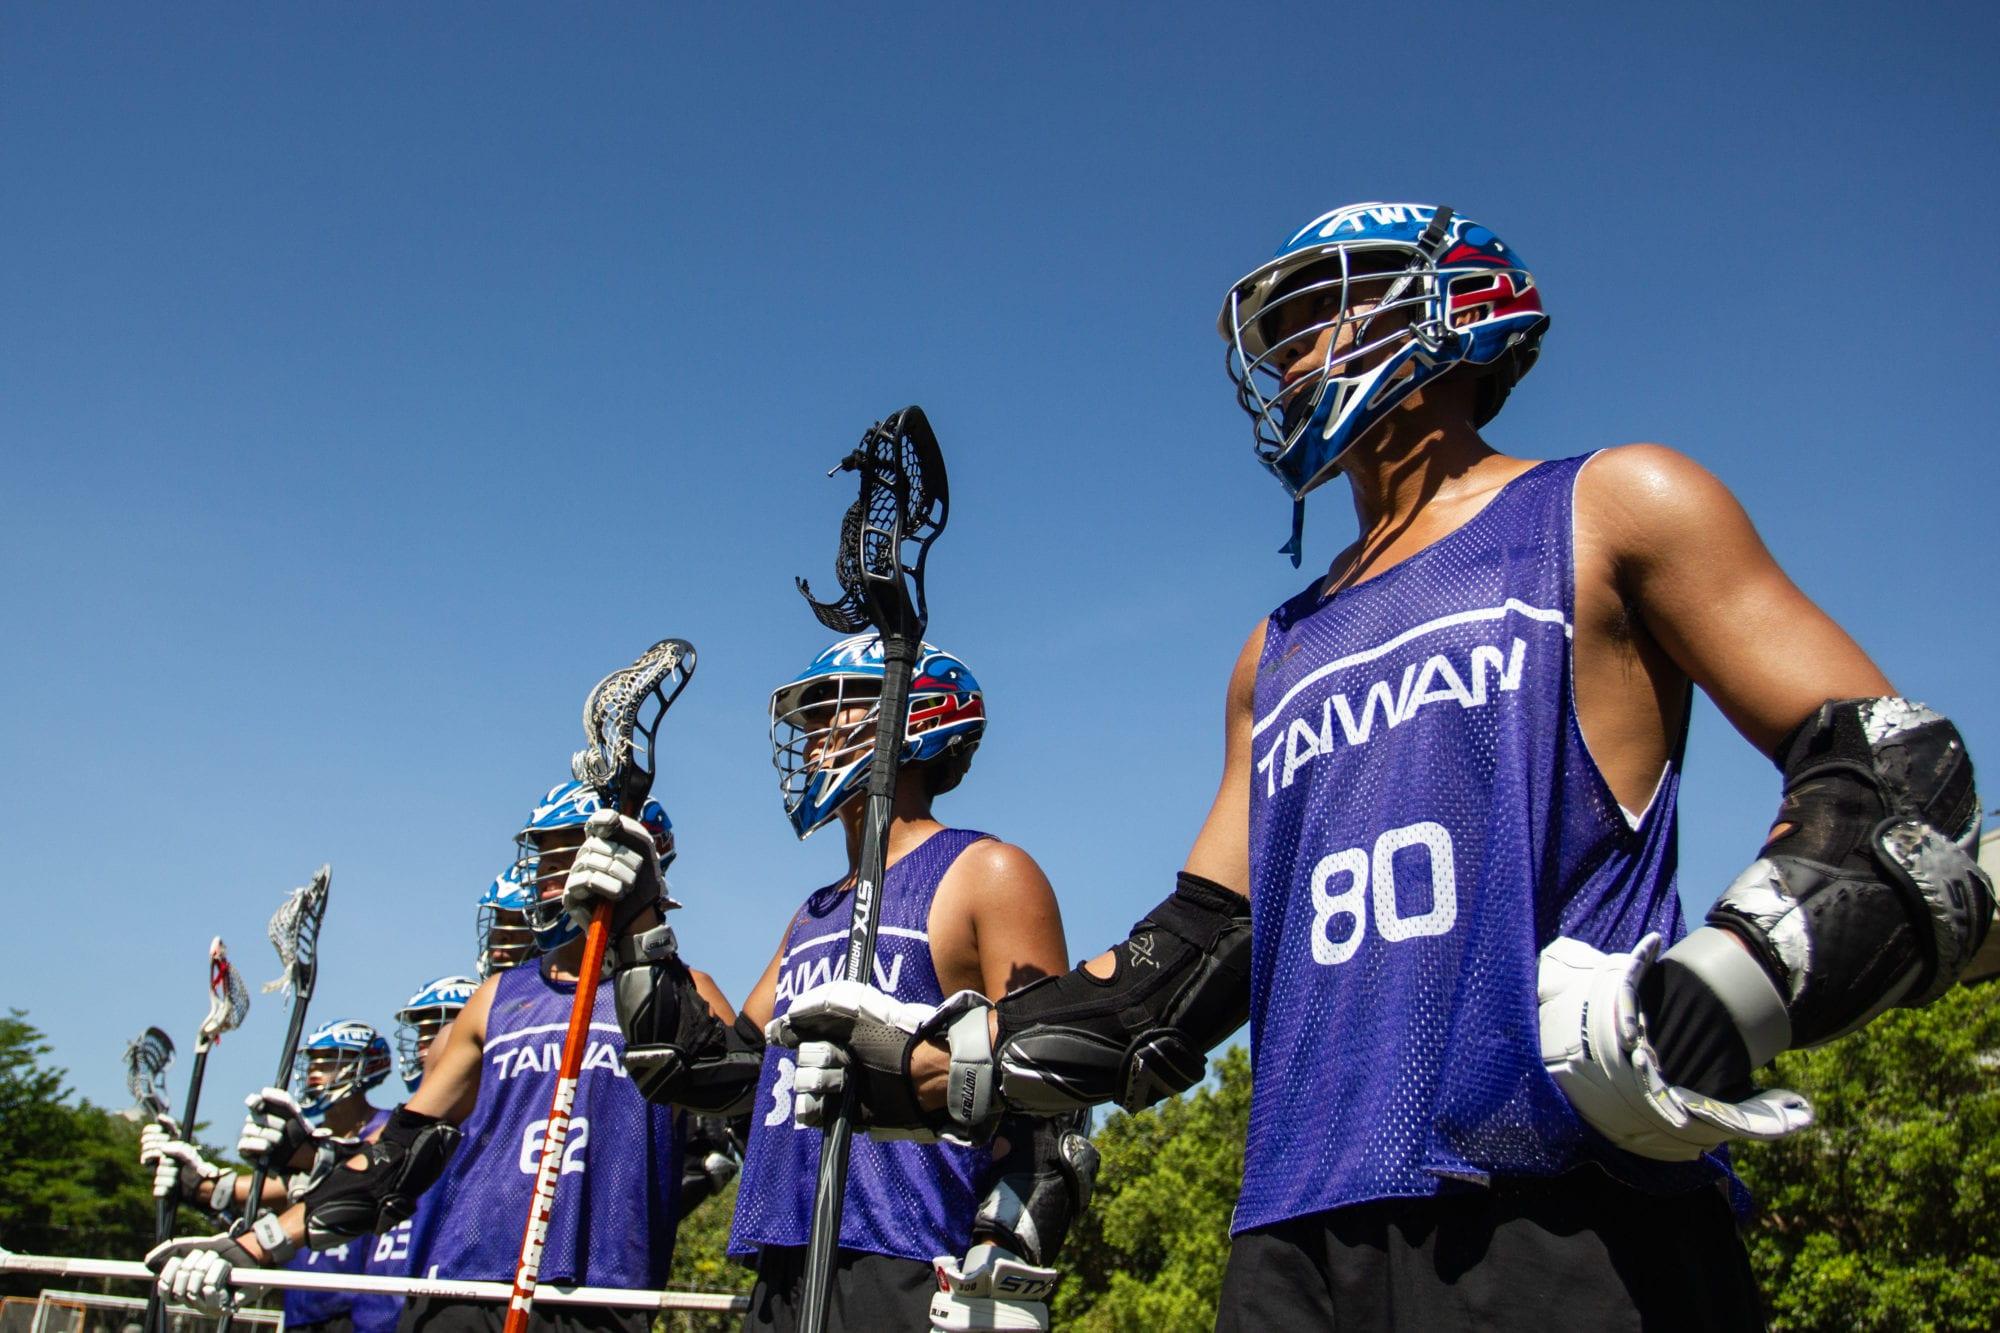 Taiwan Lacrosse 2018